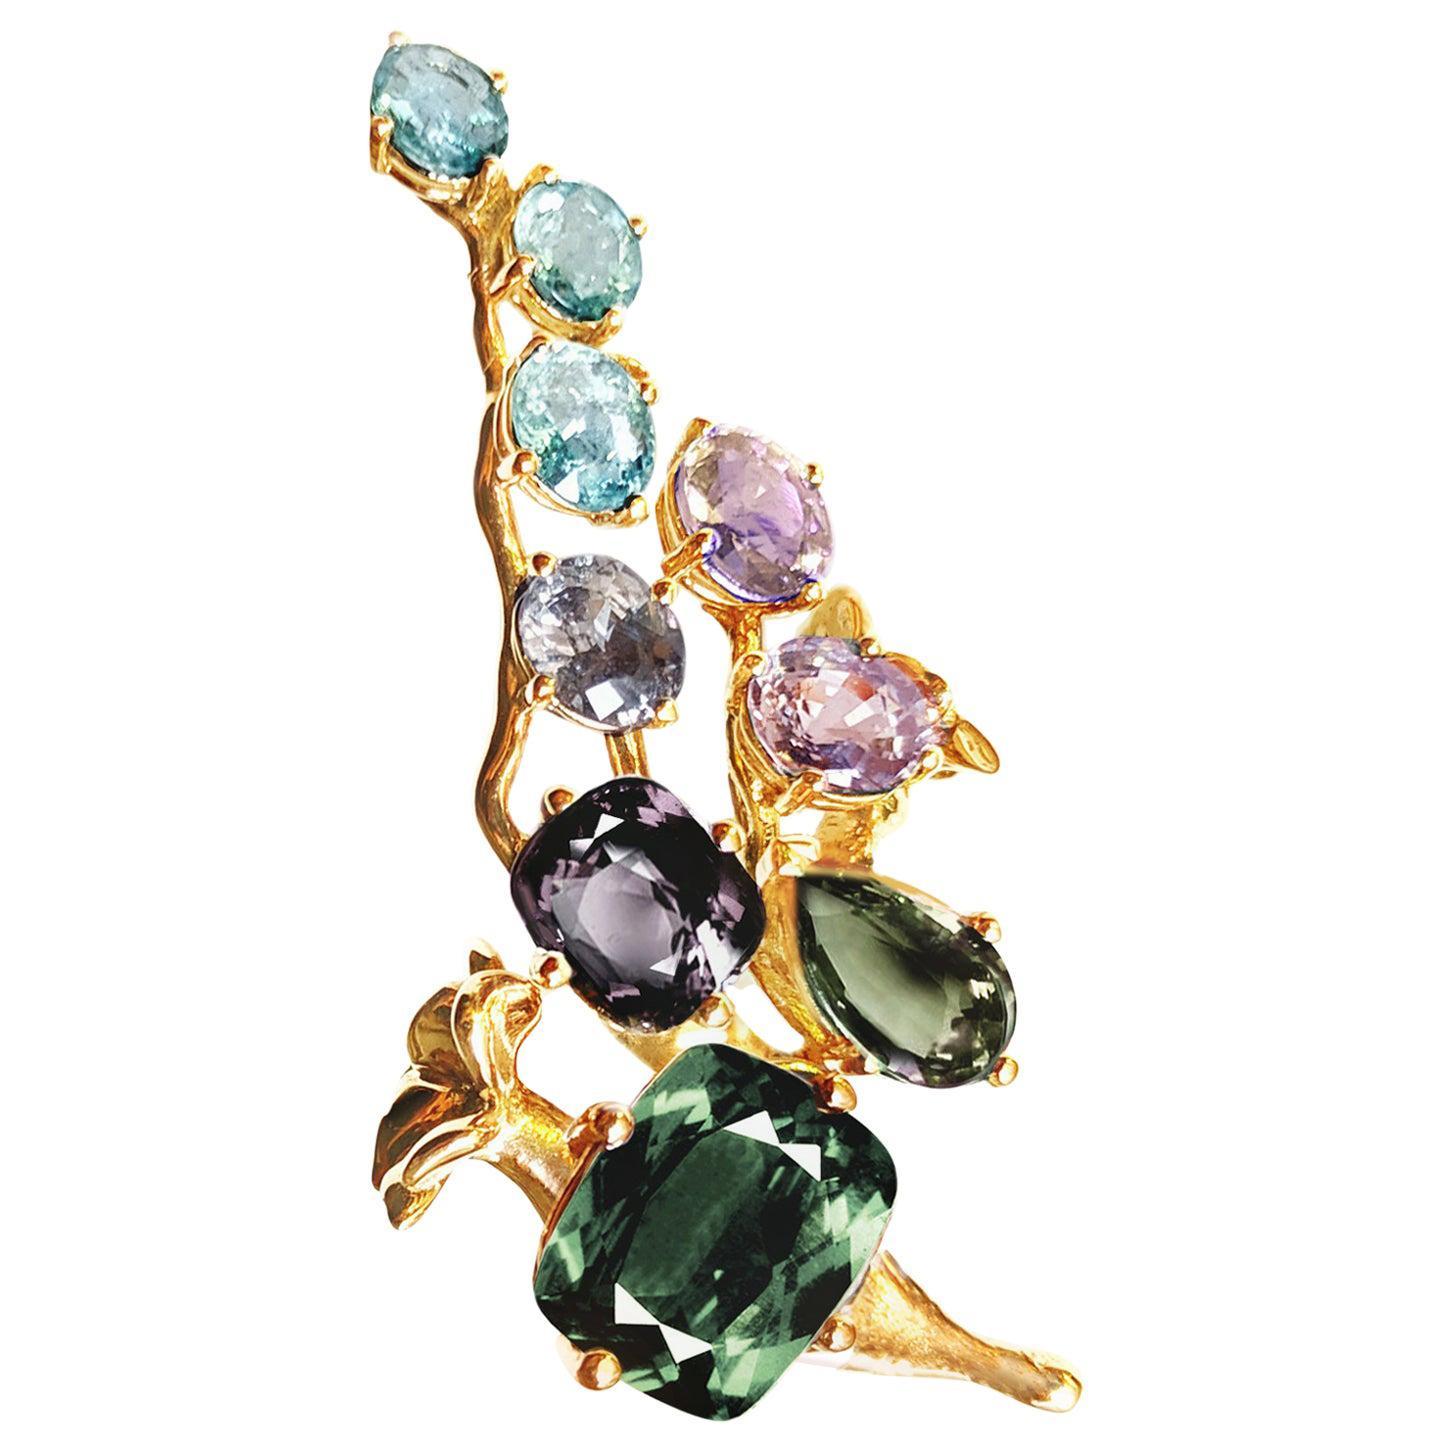 18 Karat Gold Cocktail Ring with 12 Carat Sapphires, and Paraiba Tourmalines